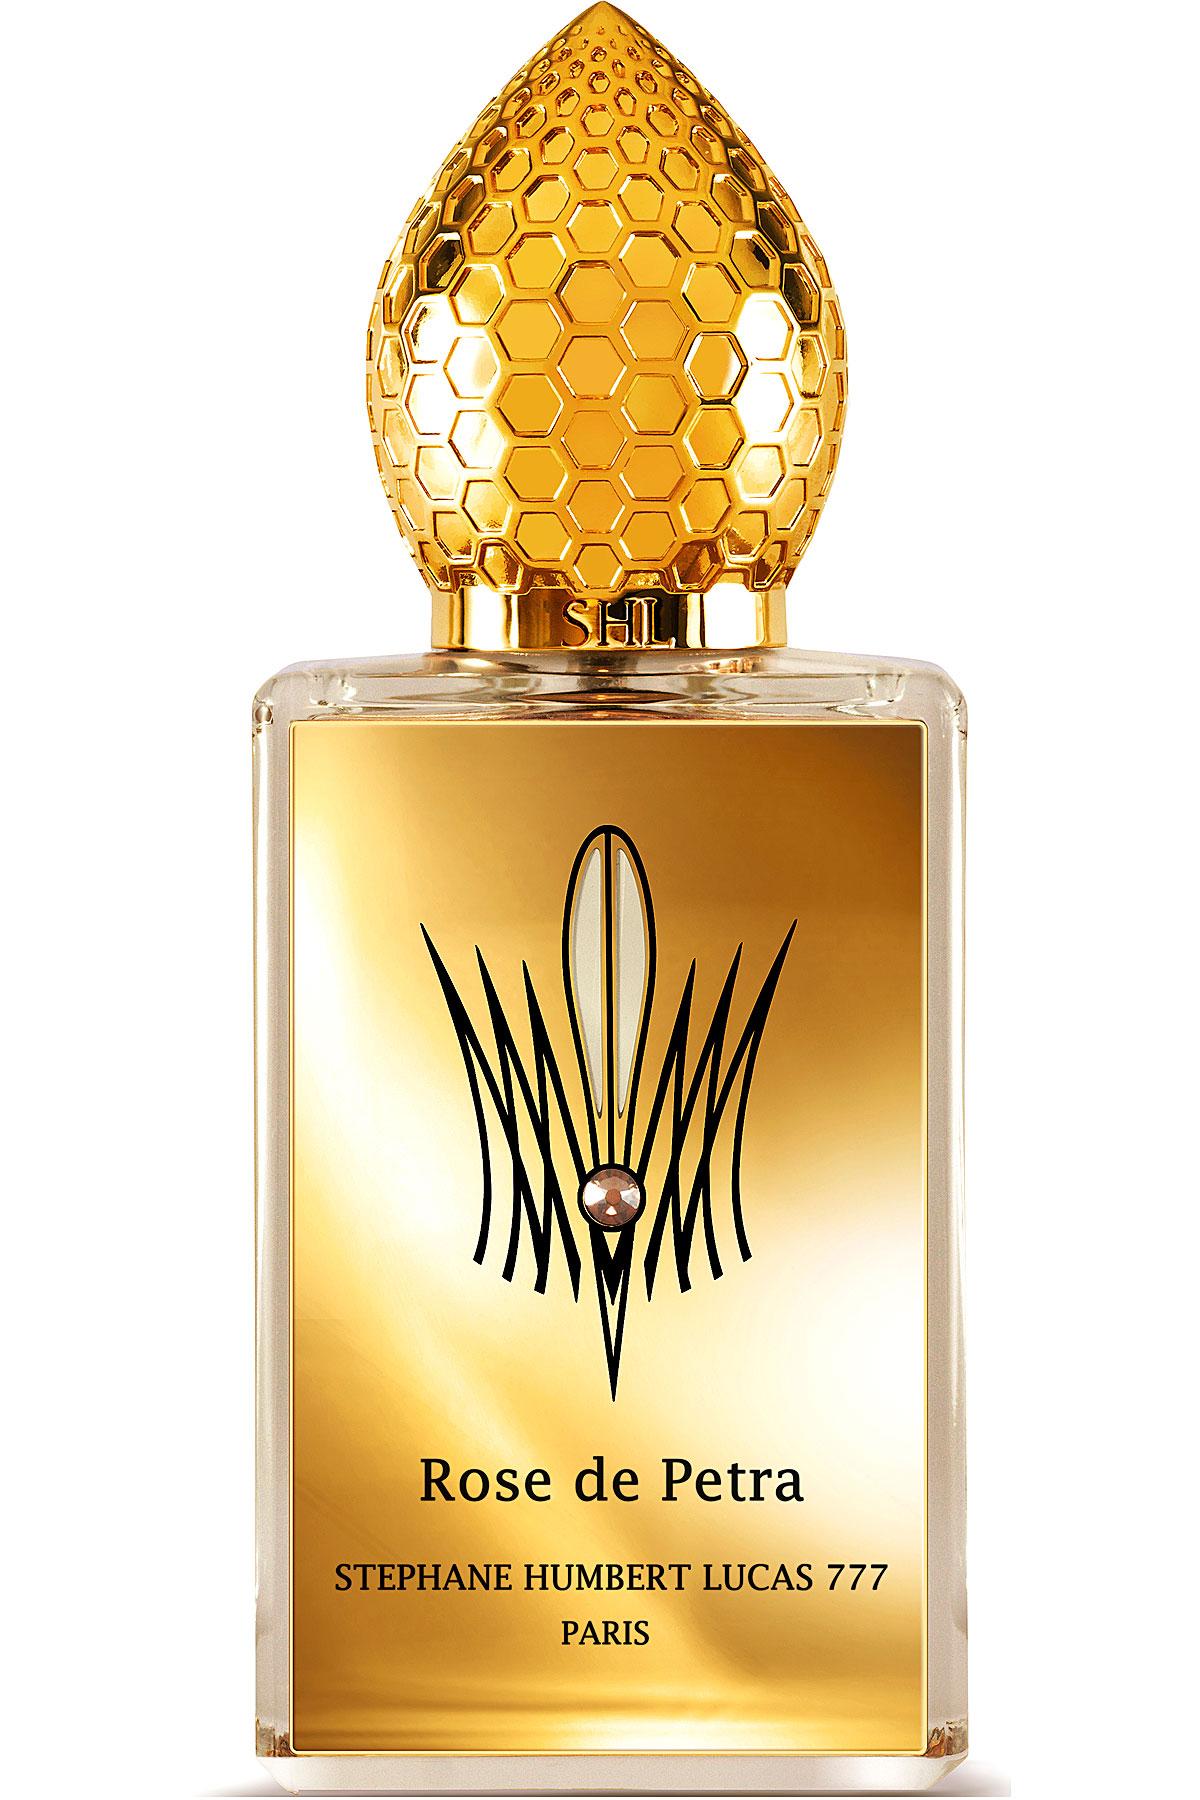 Stephane Humbert Lucas 777 Paris Fragrances for Men, Rose De Petra - Eau De Parfum - 50 Ml, 2019, 50 ml